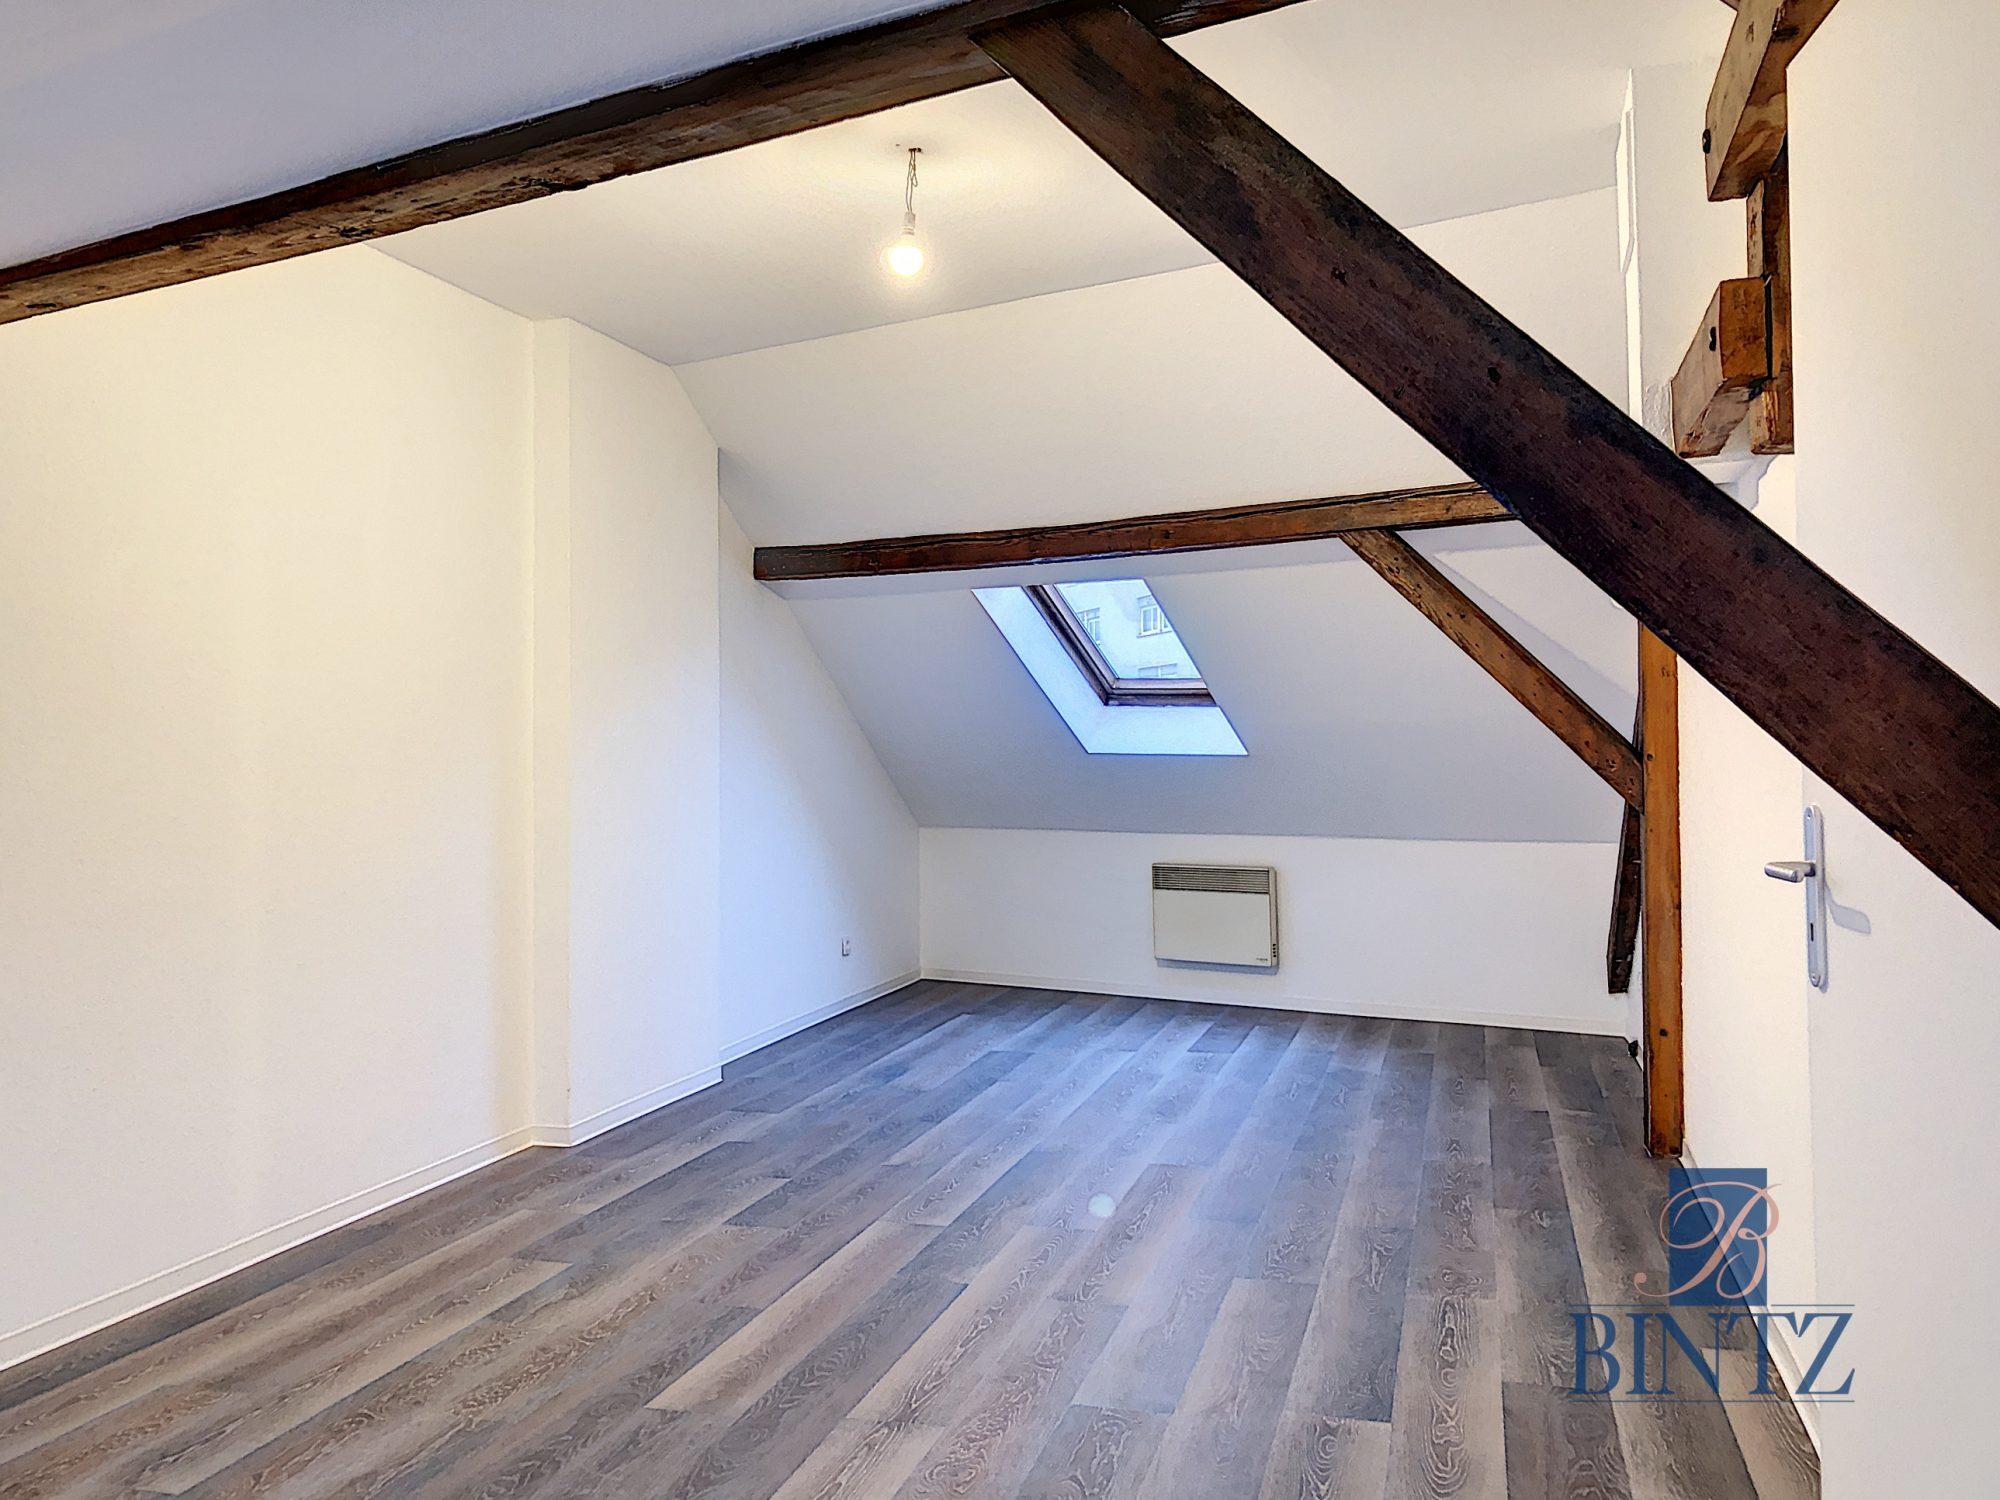 4 PIECES EN DUPLEX KRUTENAU - Devenez locataire en toute sérénité - Bintz Immobilier - 4